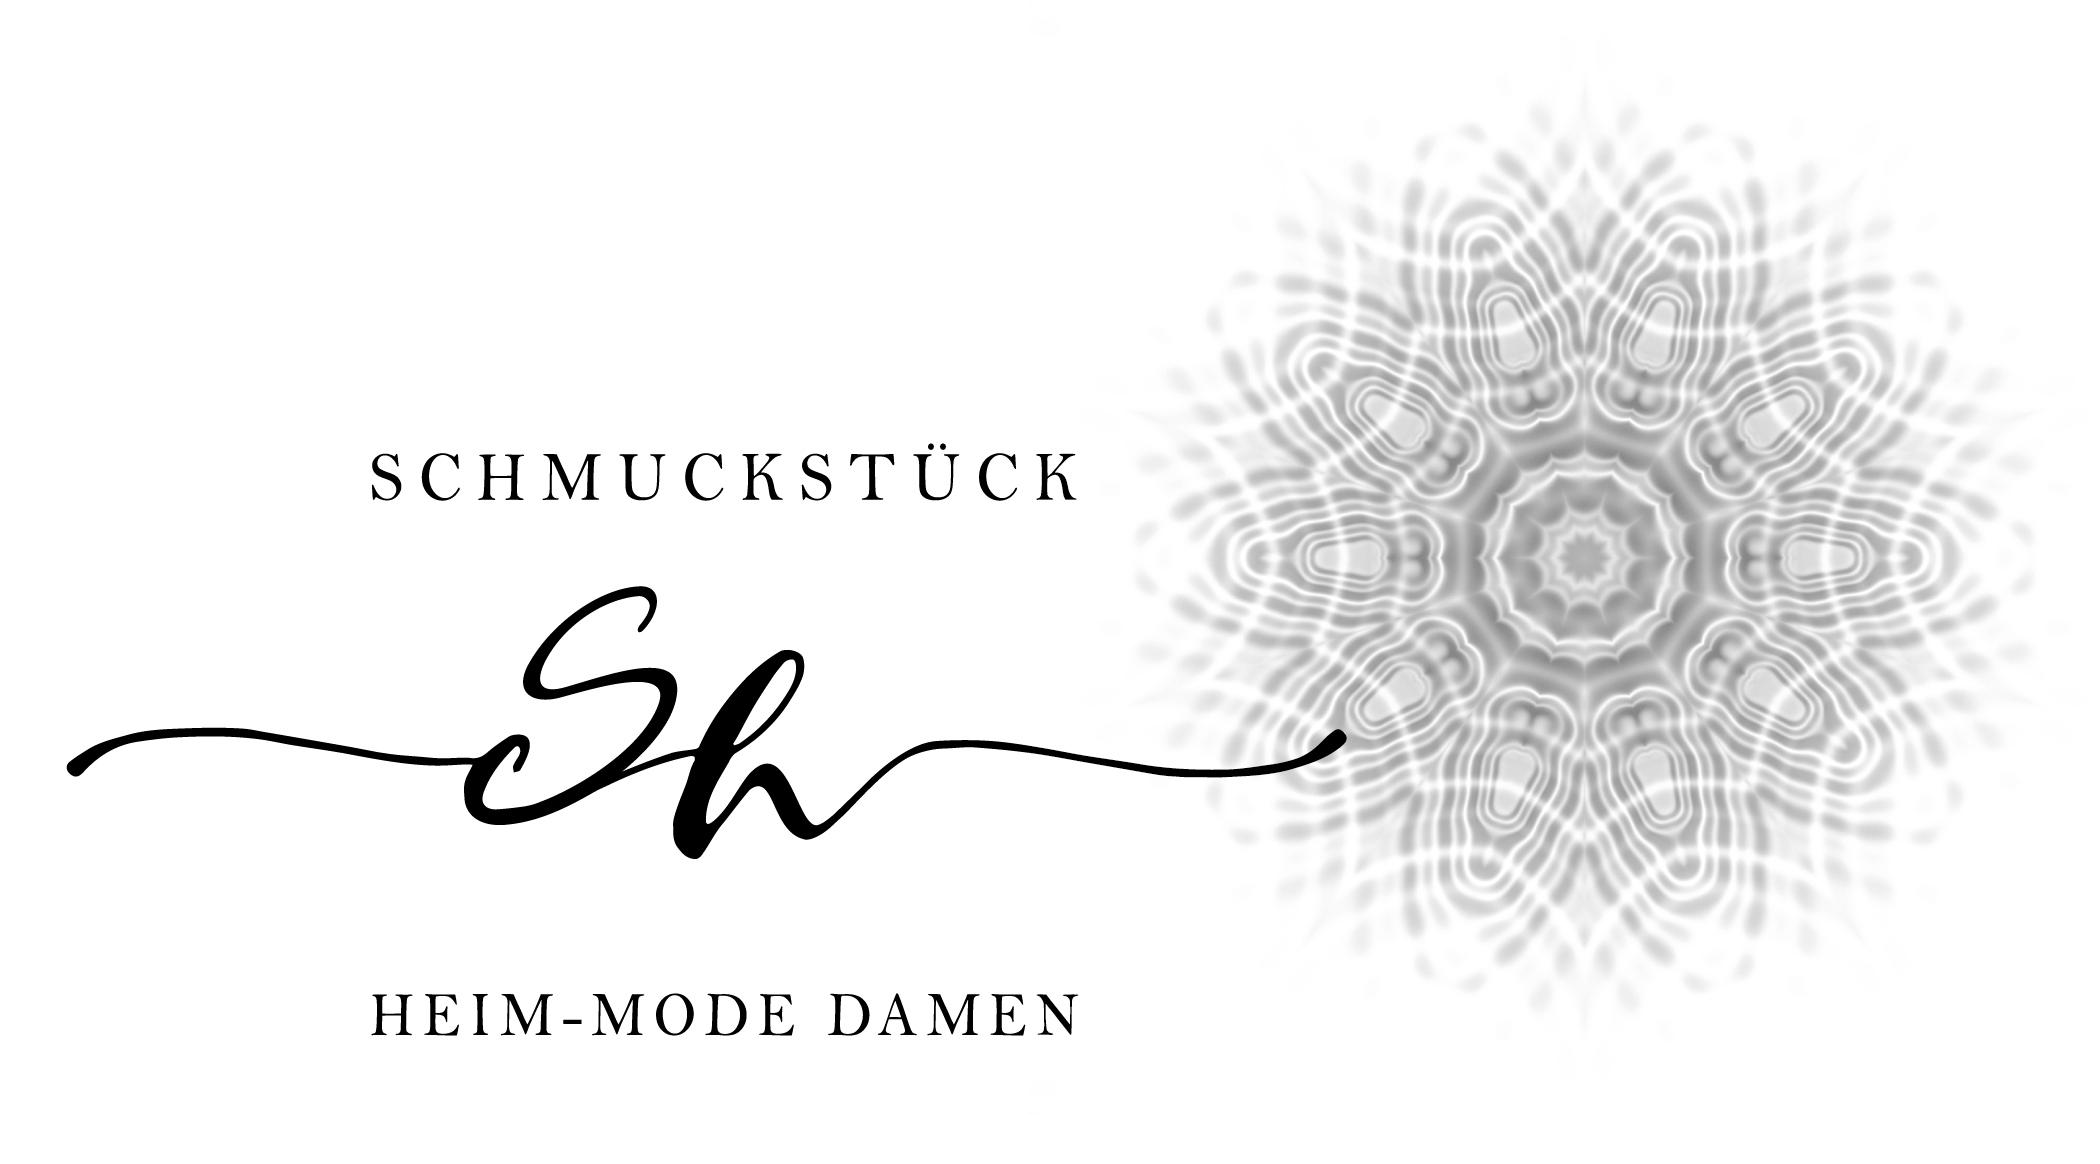 Schmuckstück Logo